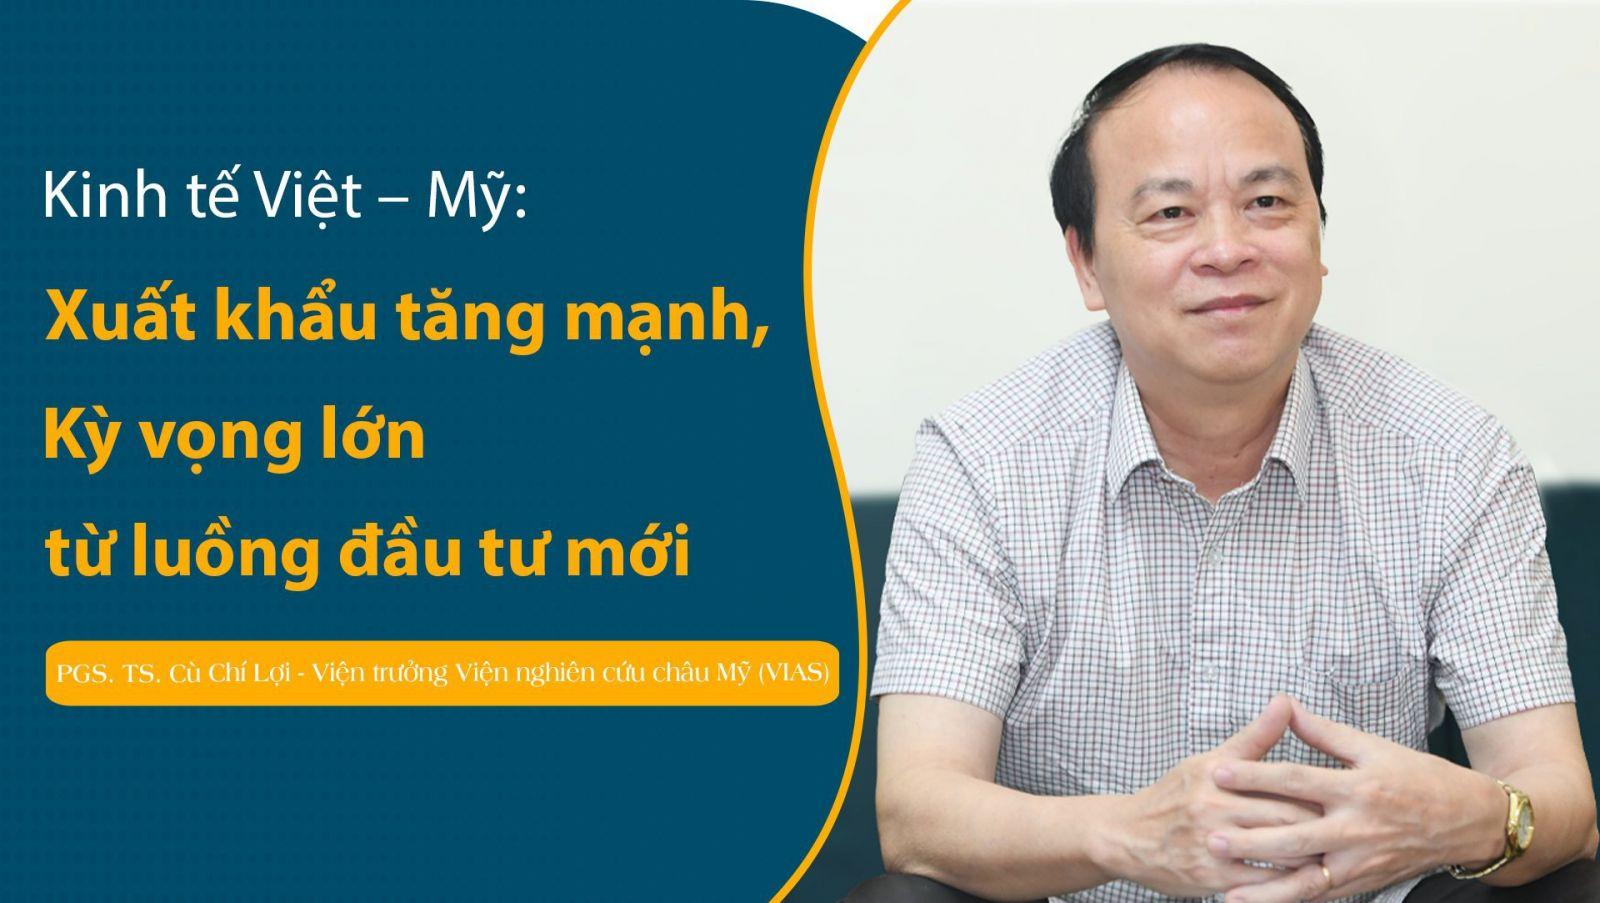 PGS. TS. Cù Chí Lợi - Viện trưởng Viện Nghiên cứu châu Mỹ (VIAS): Kỳ vọng lớn từ luồng đầu tư mới trong quan hệ kinh tế Việt - Mỹ